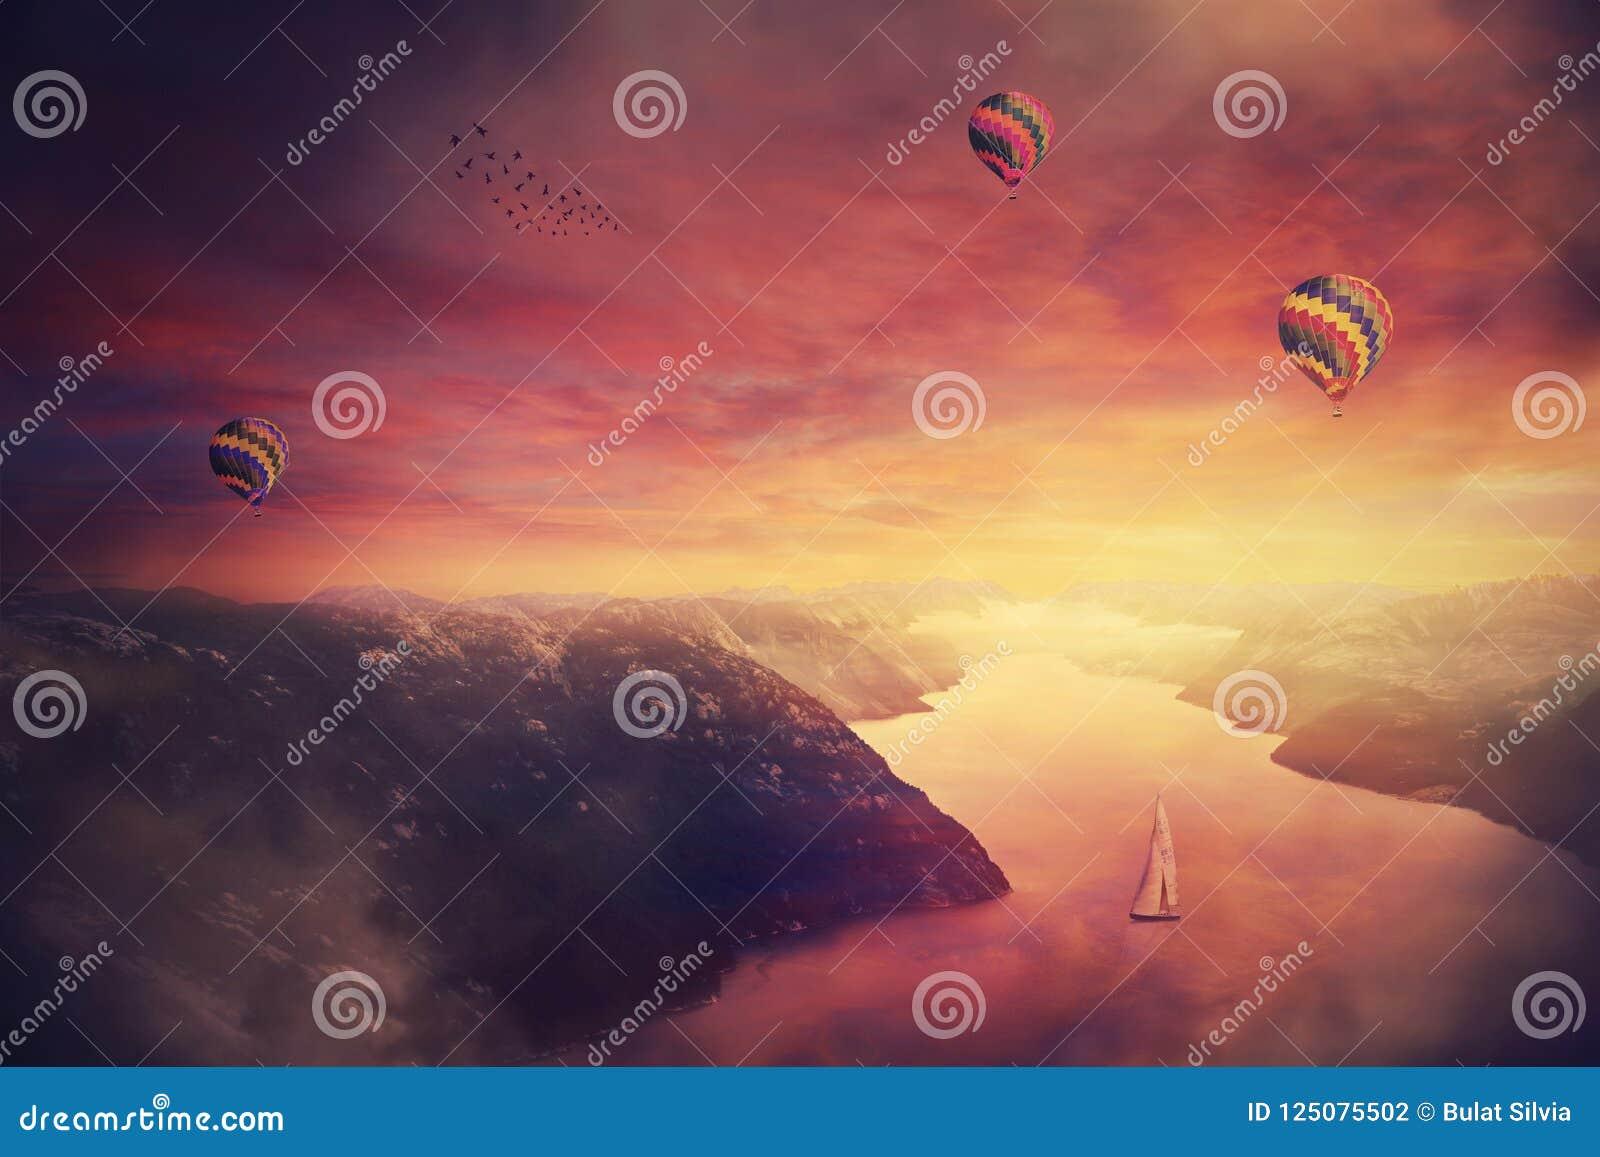 Meditative purple sunset